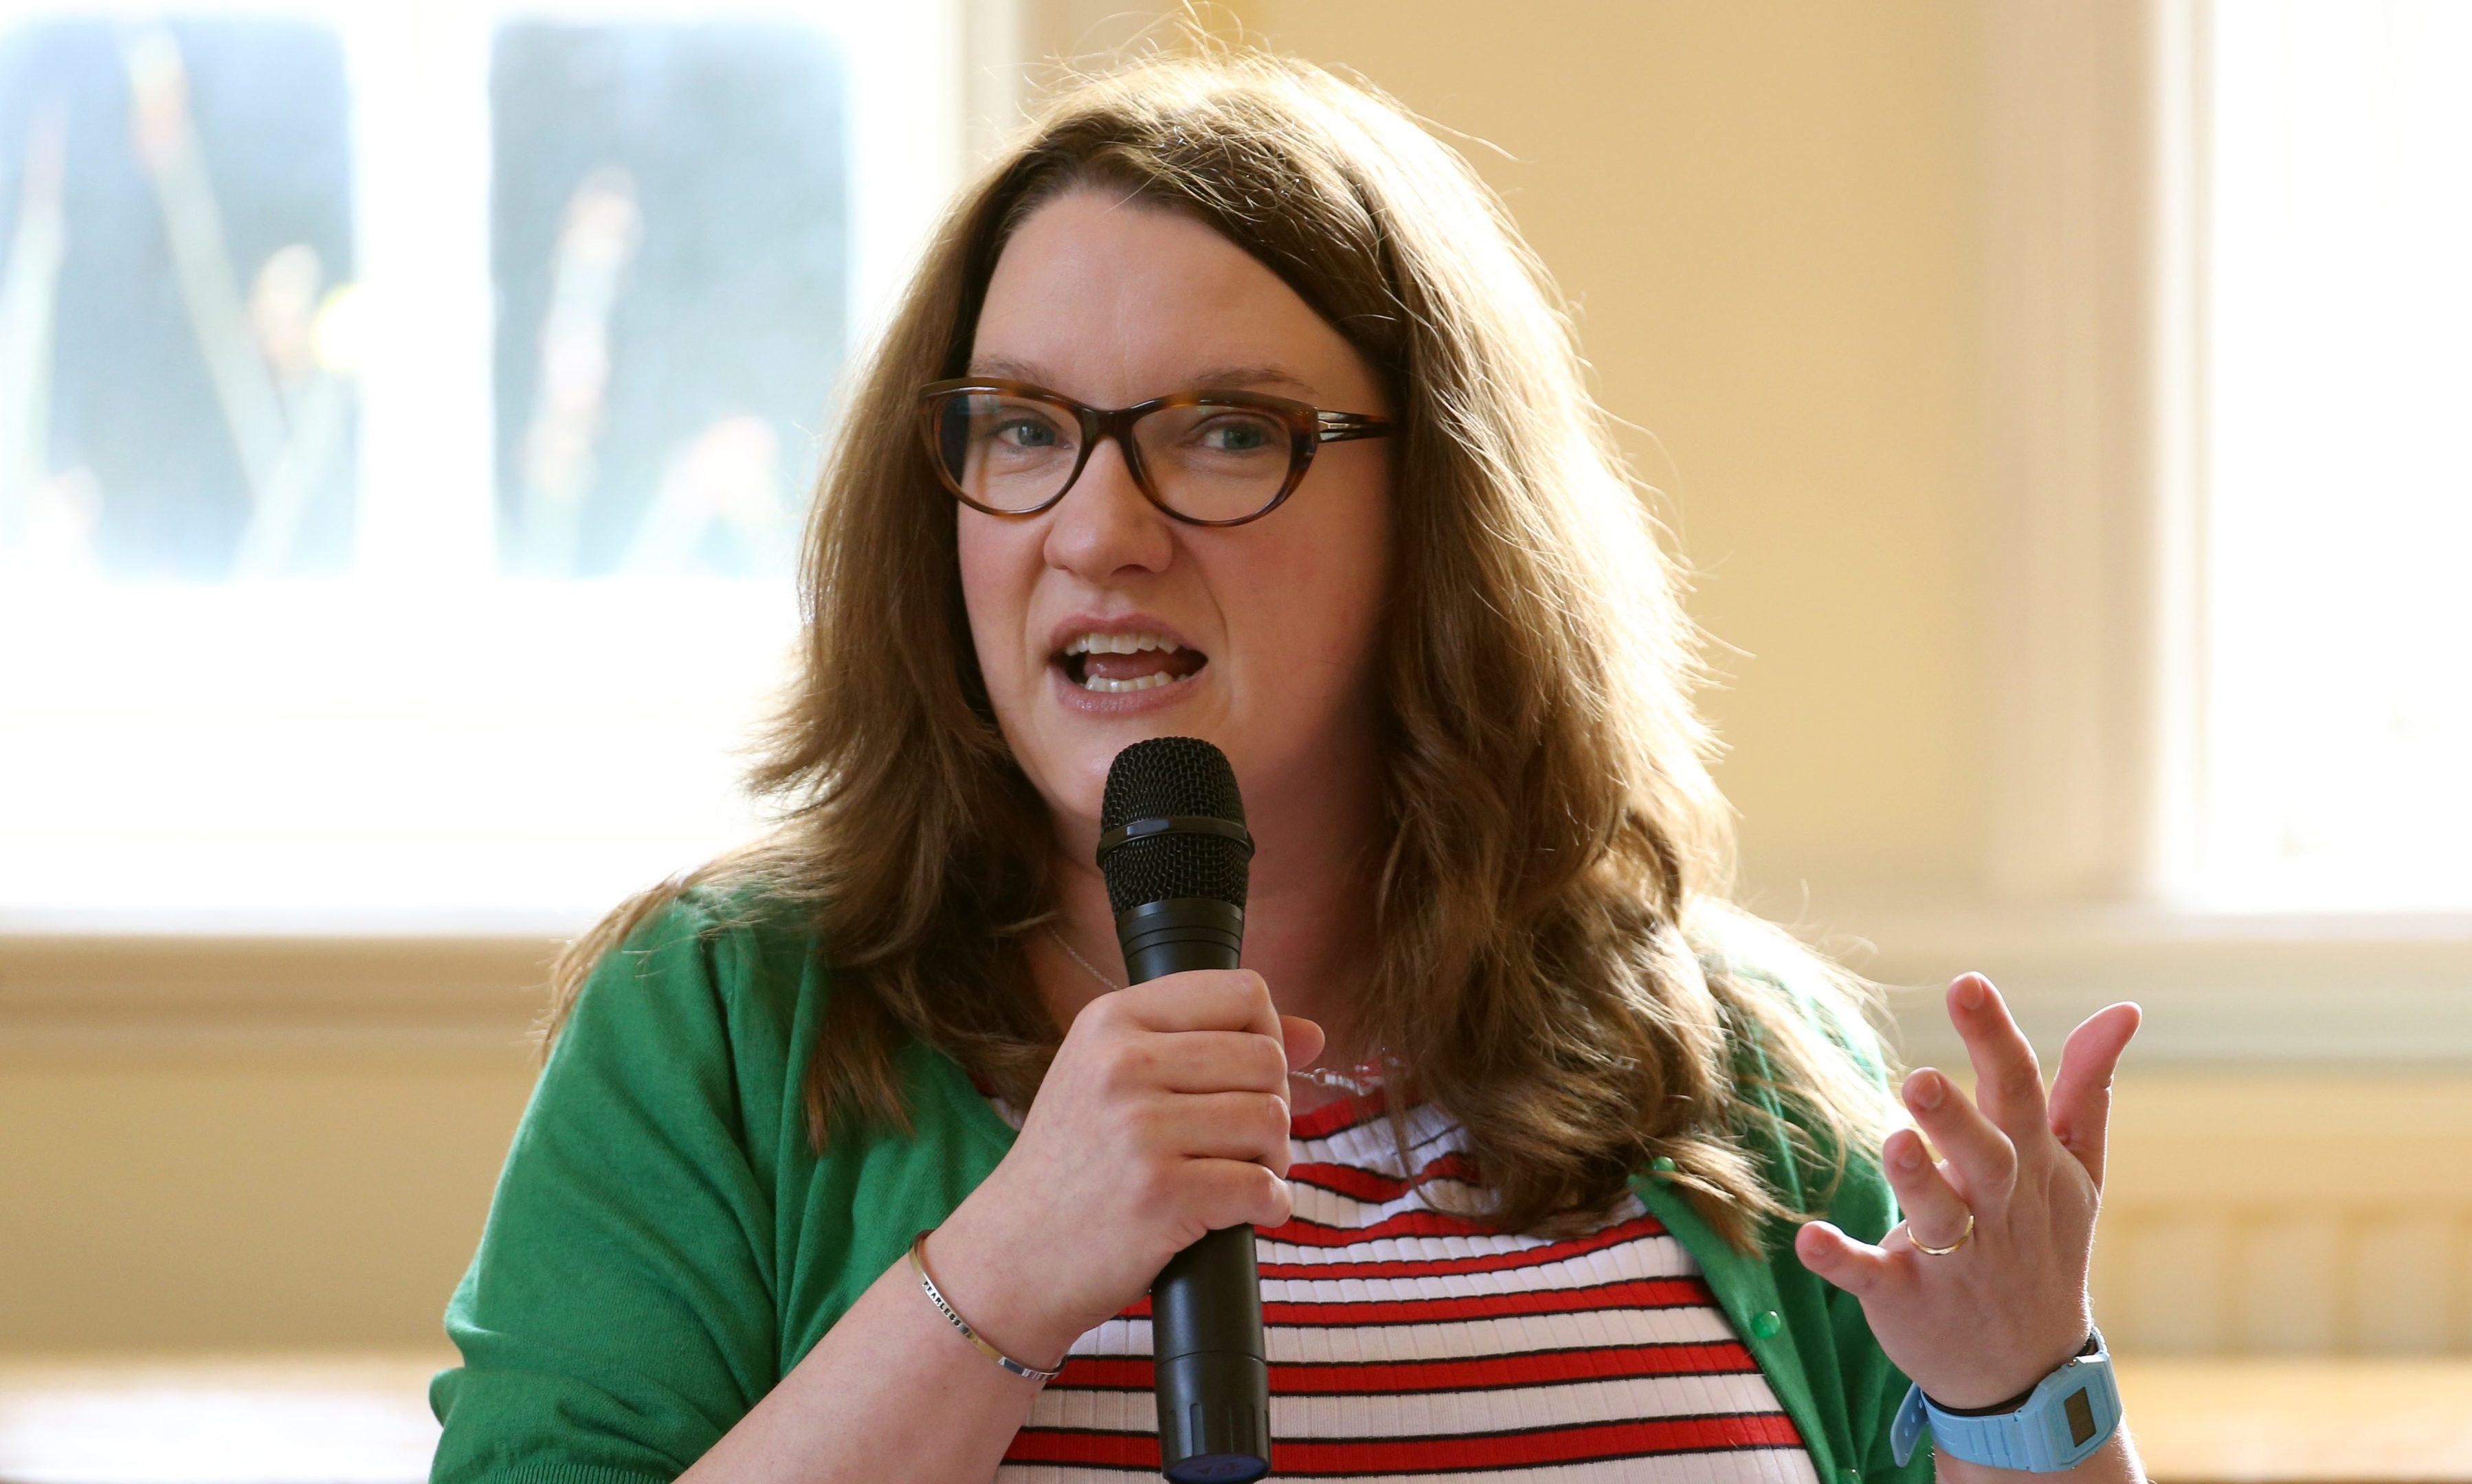 Award-winning comedian Sarah Millican